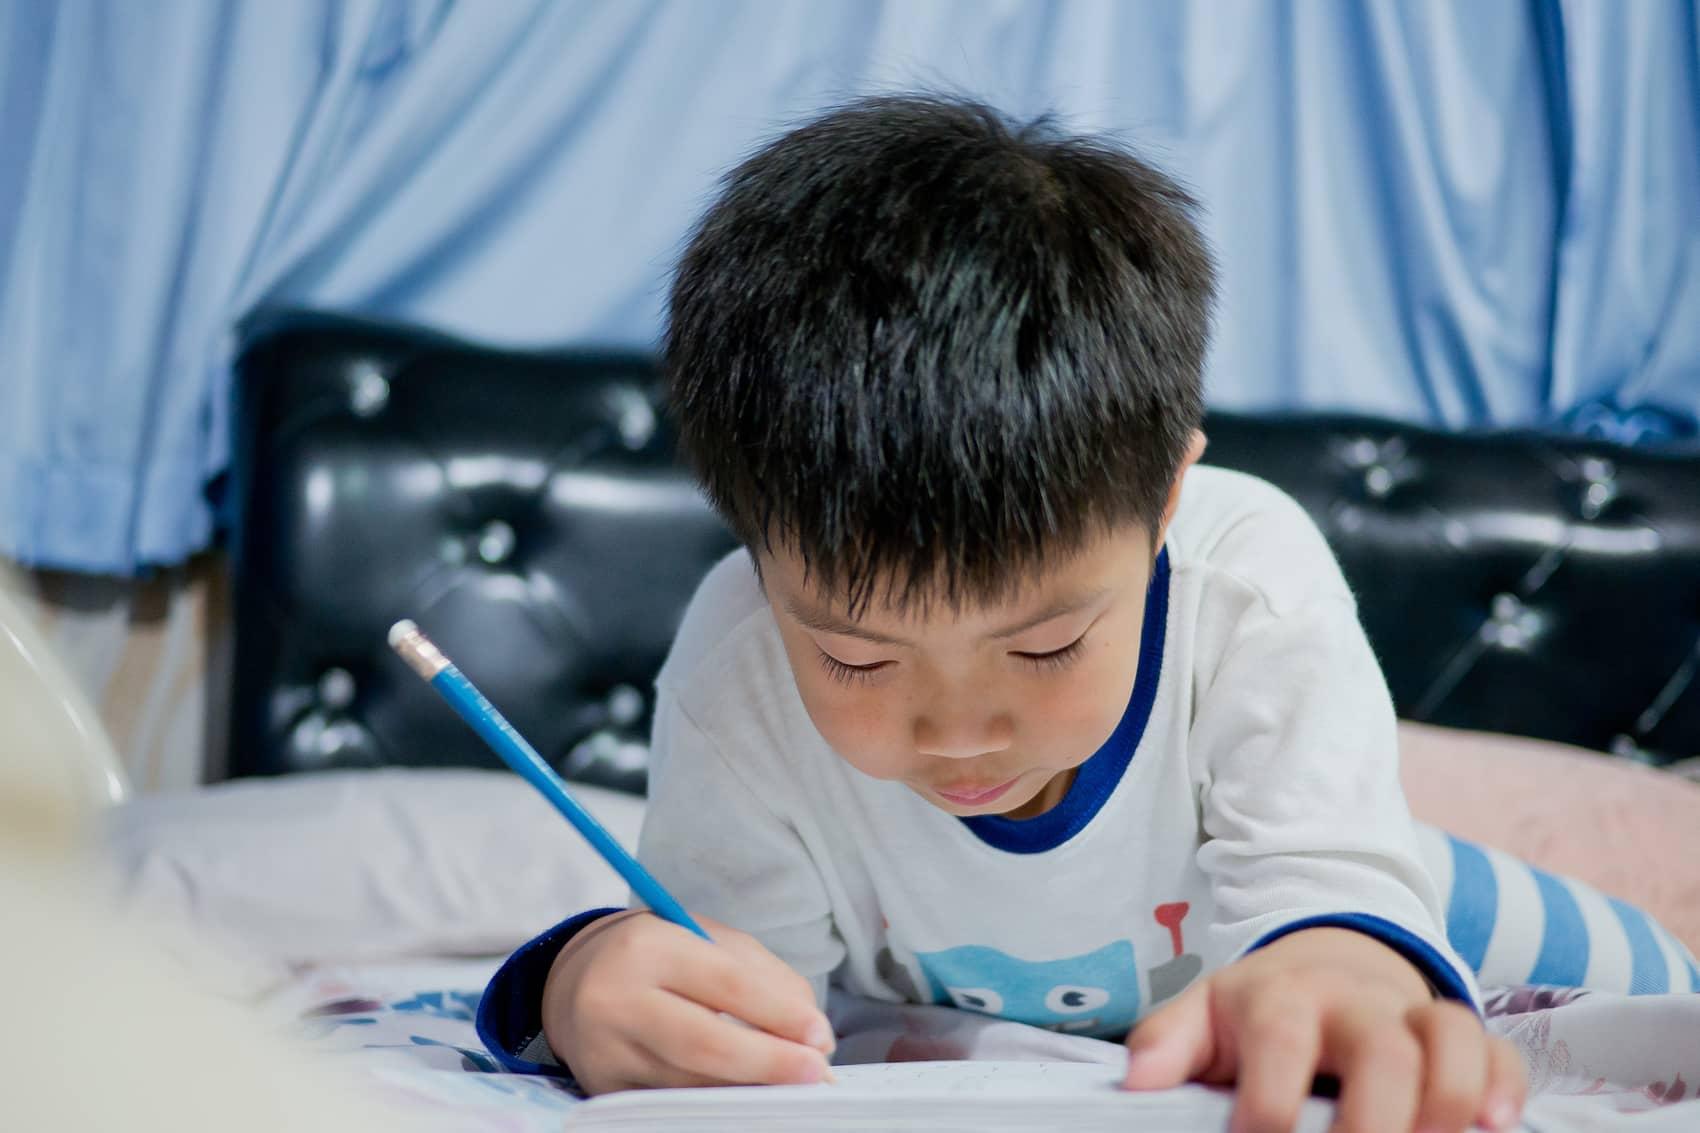 Escrever à mão é benéfico para as crianças 04